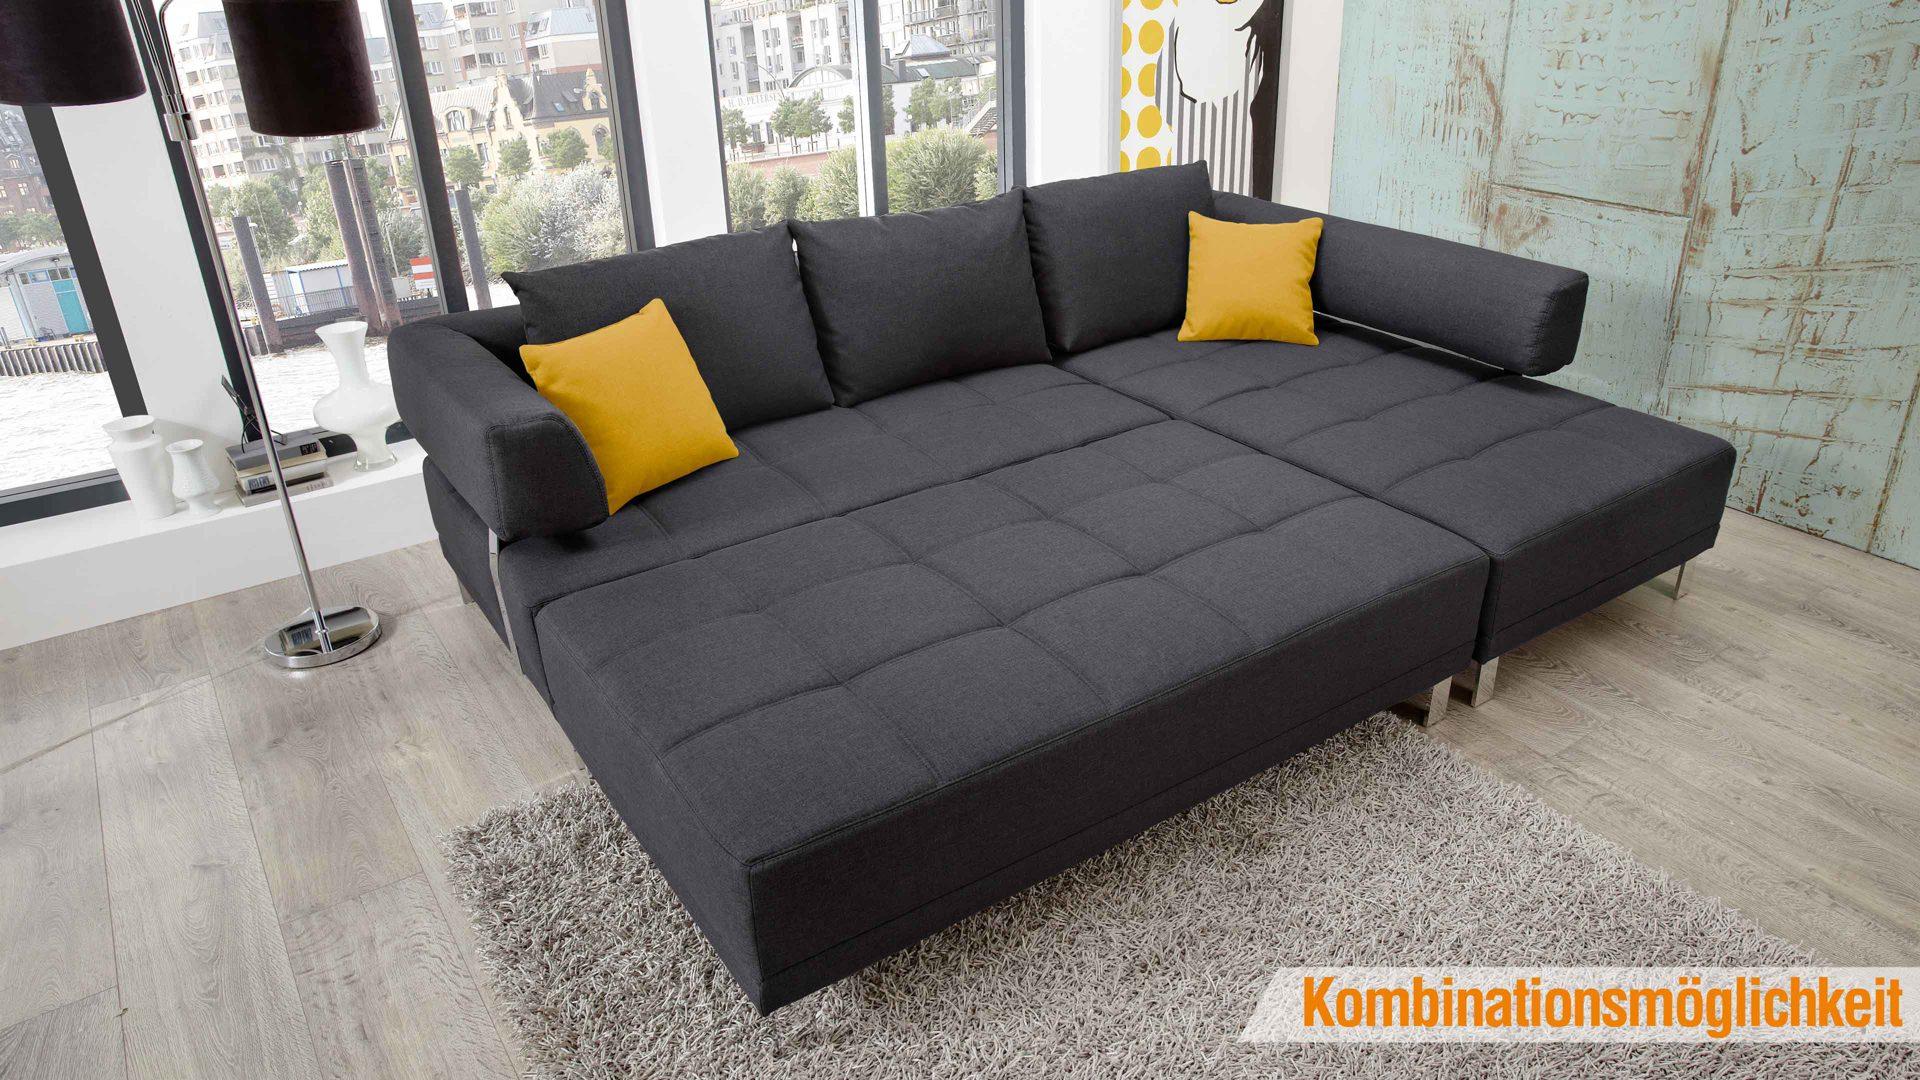 Einrichtungspartnerring Markenshops Wohnzimmer Lounge Ecksofa